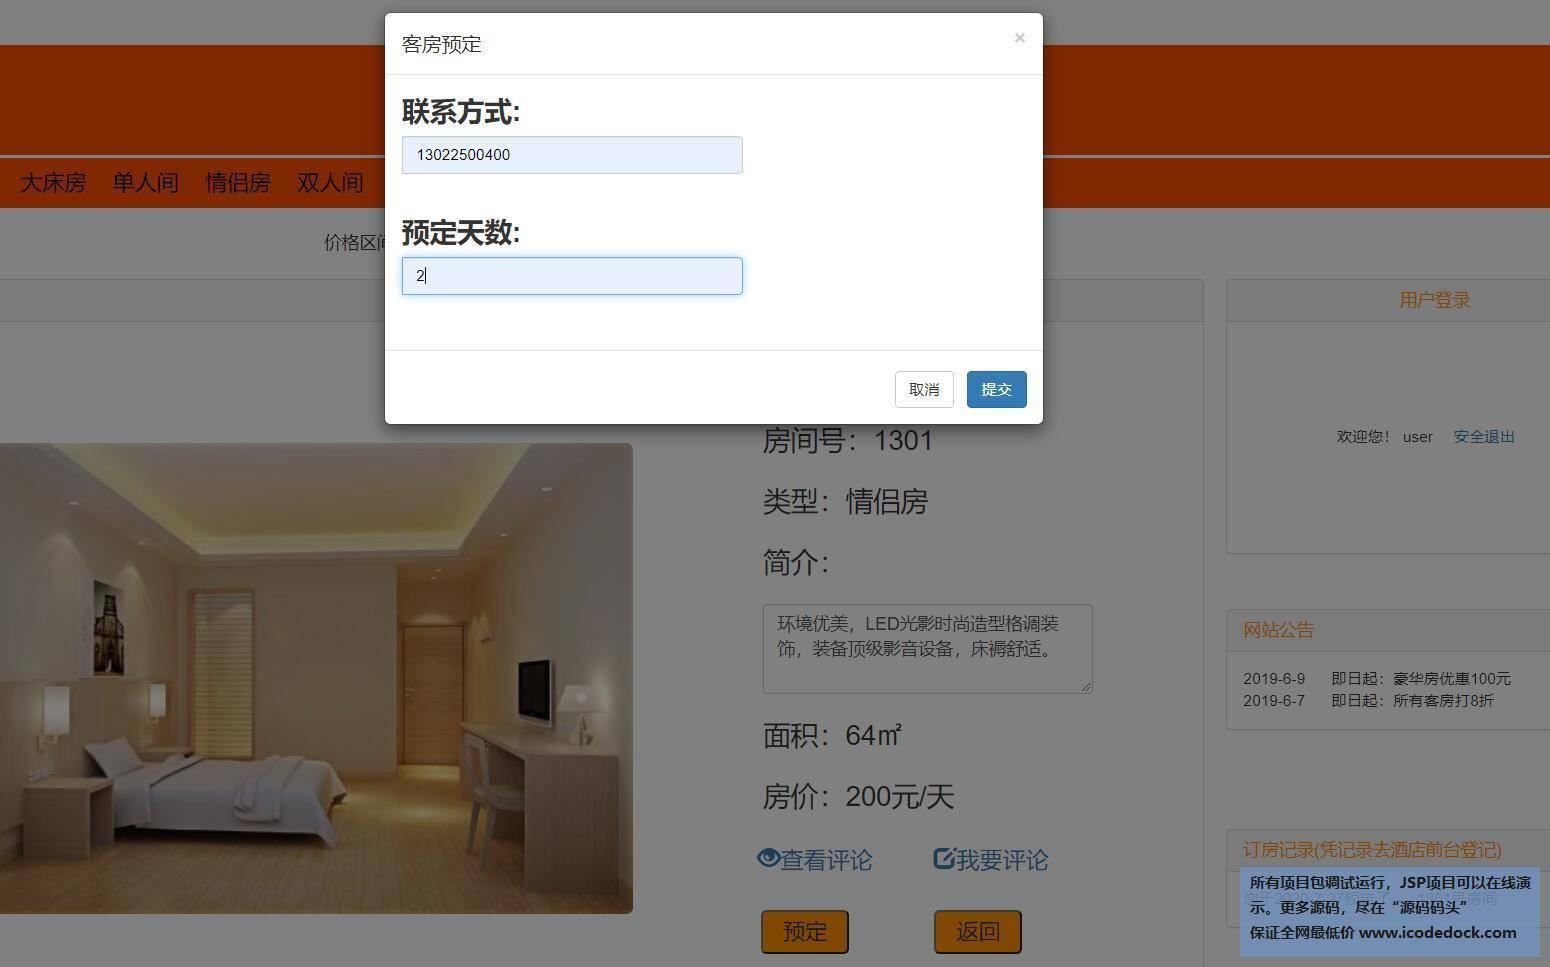 源码码头-SSM酒店客房管理系统-用户角色-客房预订